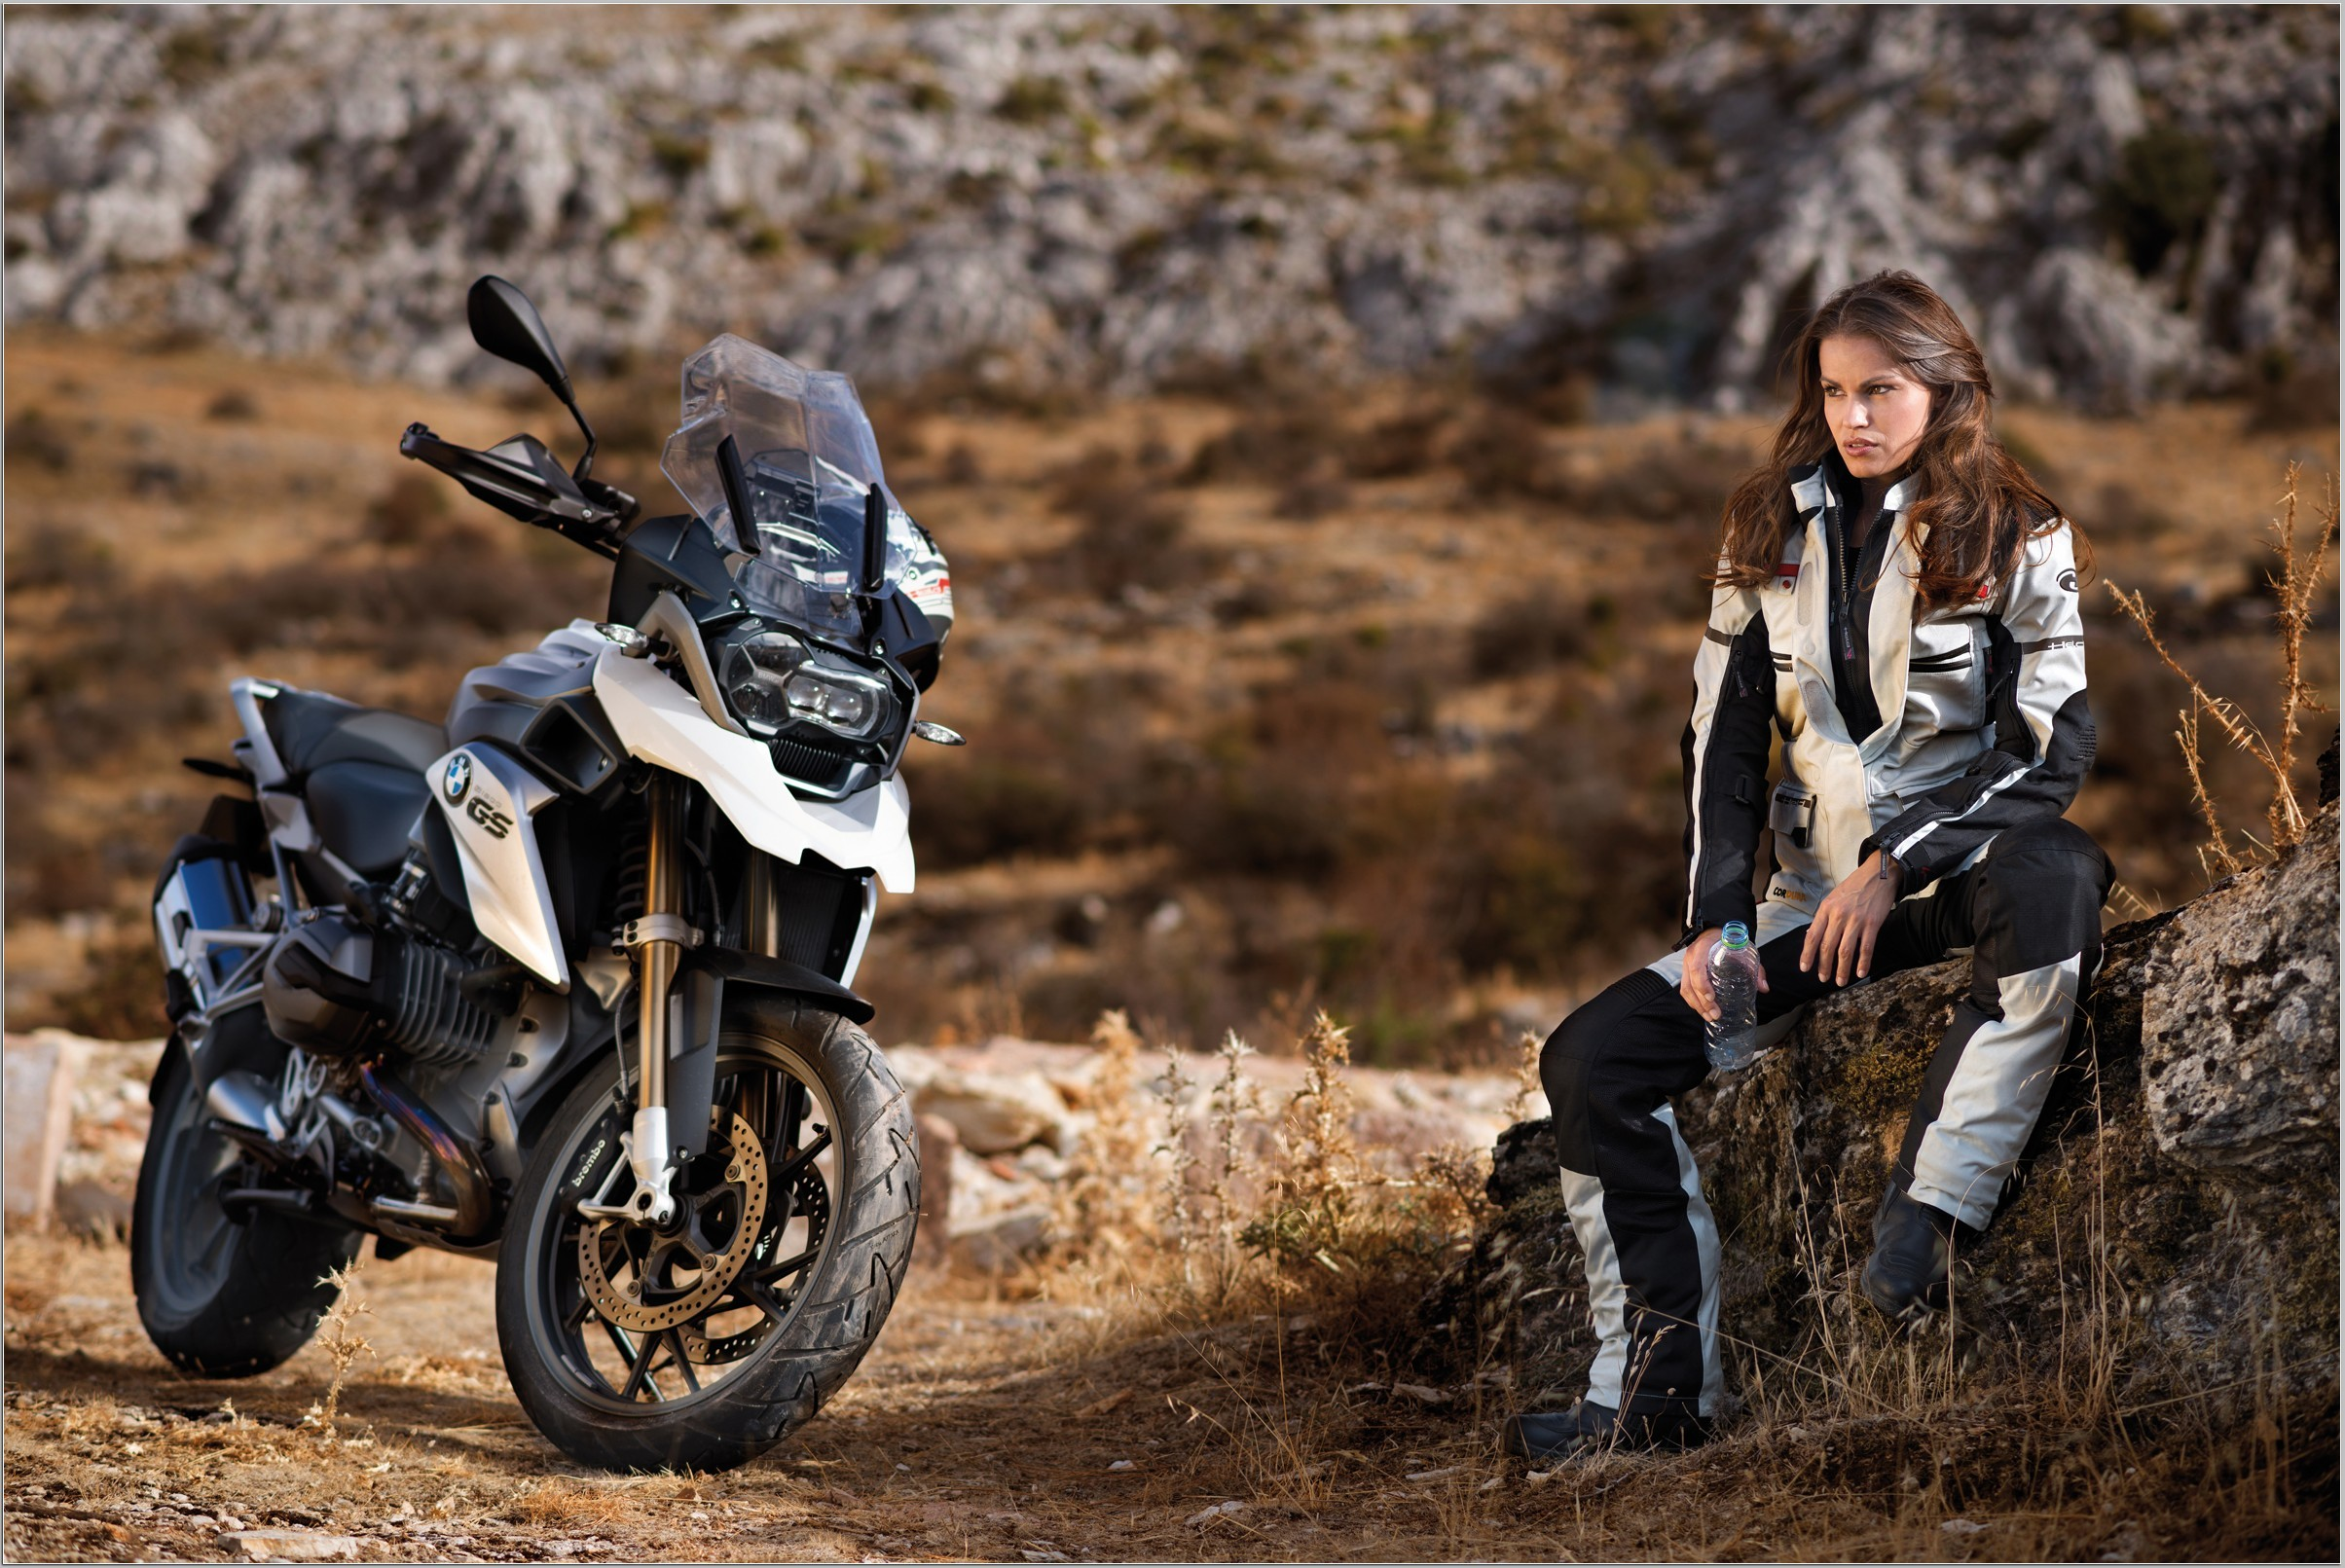 Res: 2409x1611, biker wallpapers 15